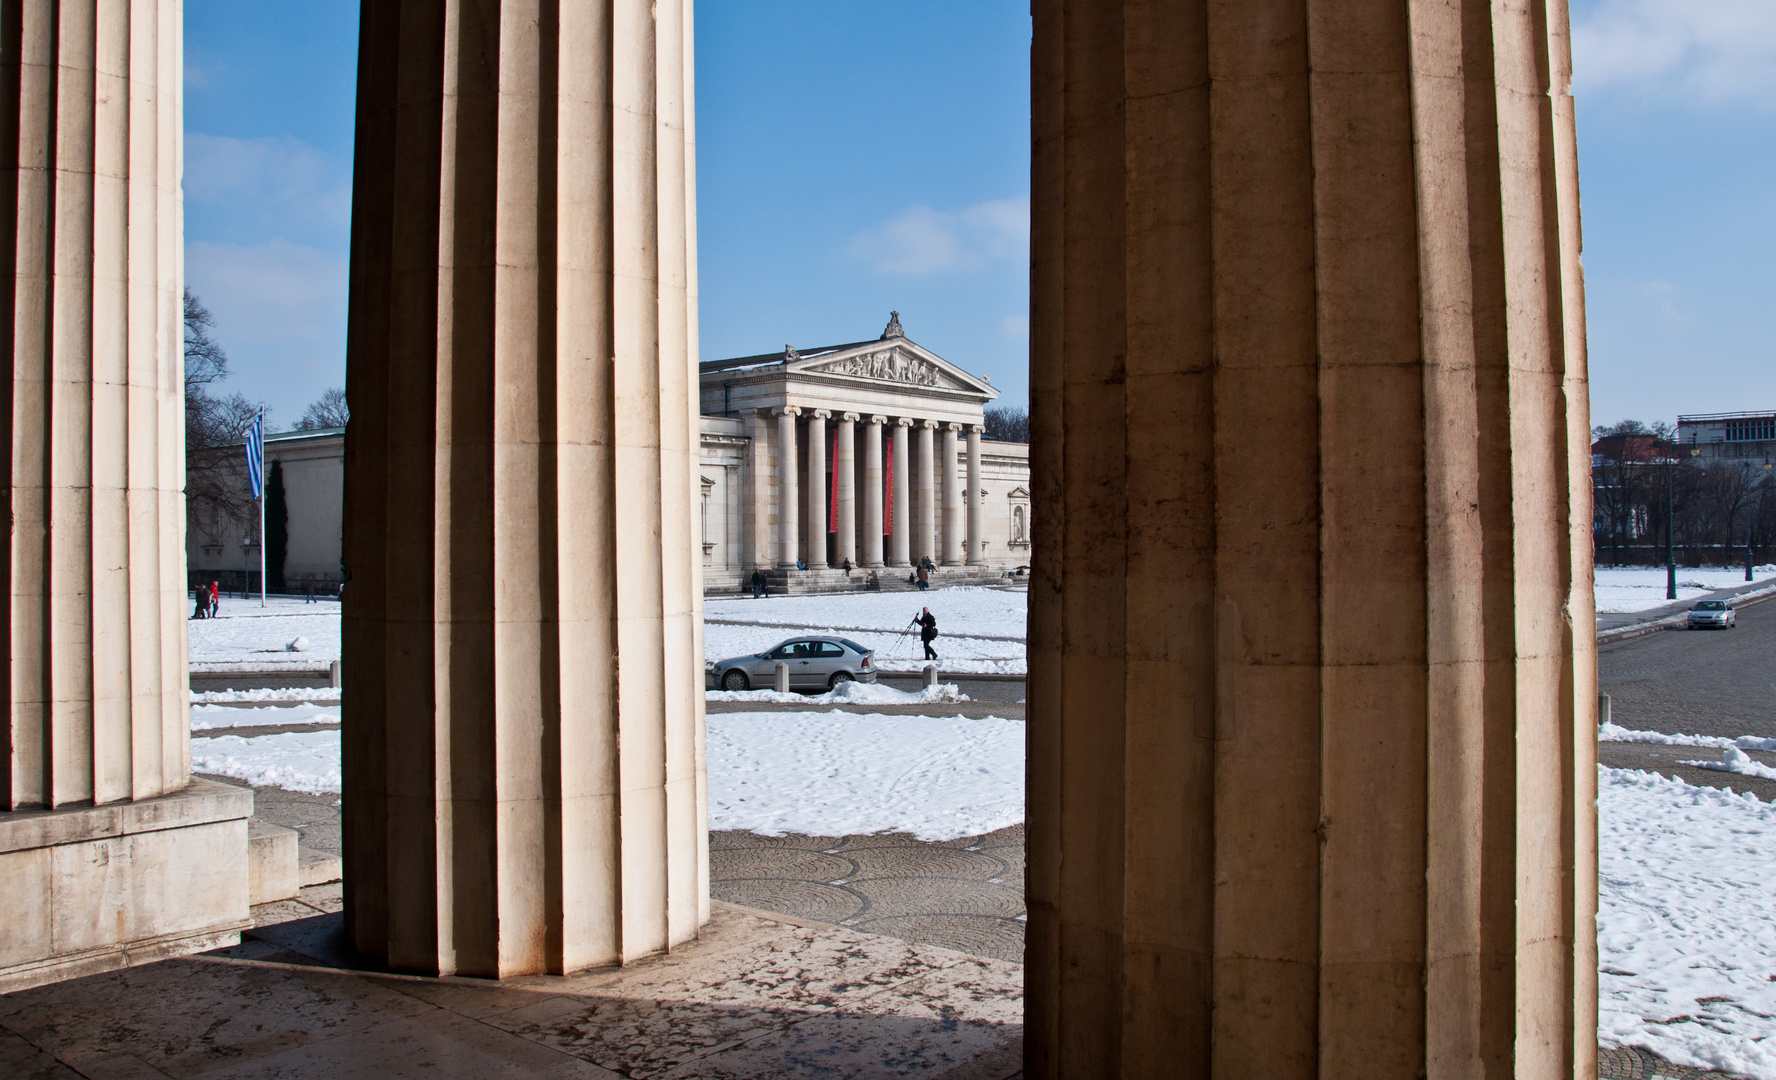 Blick von den Propyläen auf die Glyptothek mit ihren ionischen Säulen